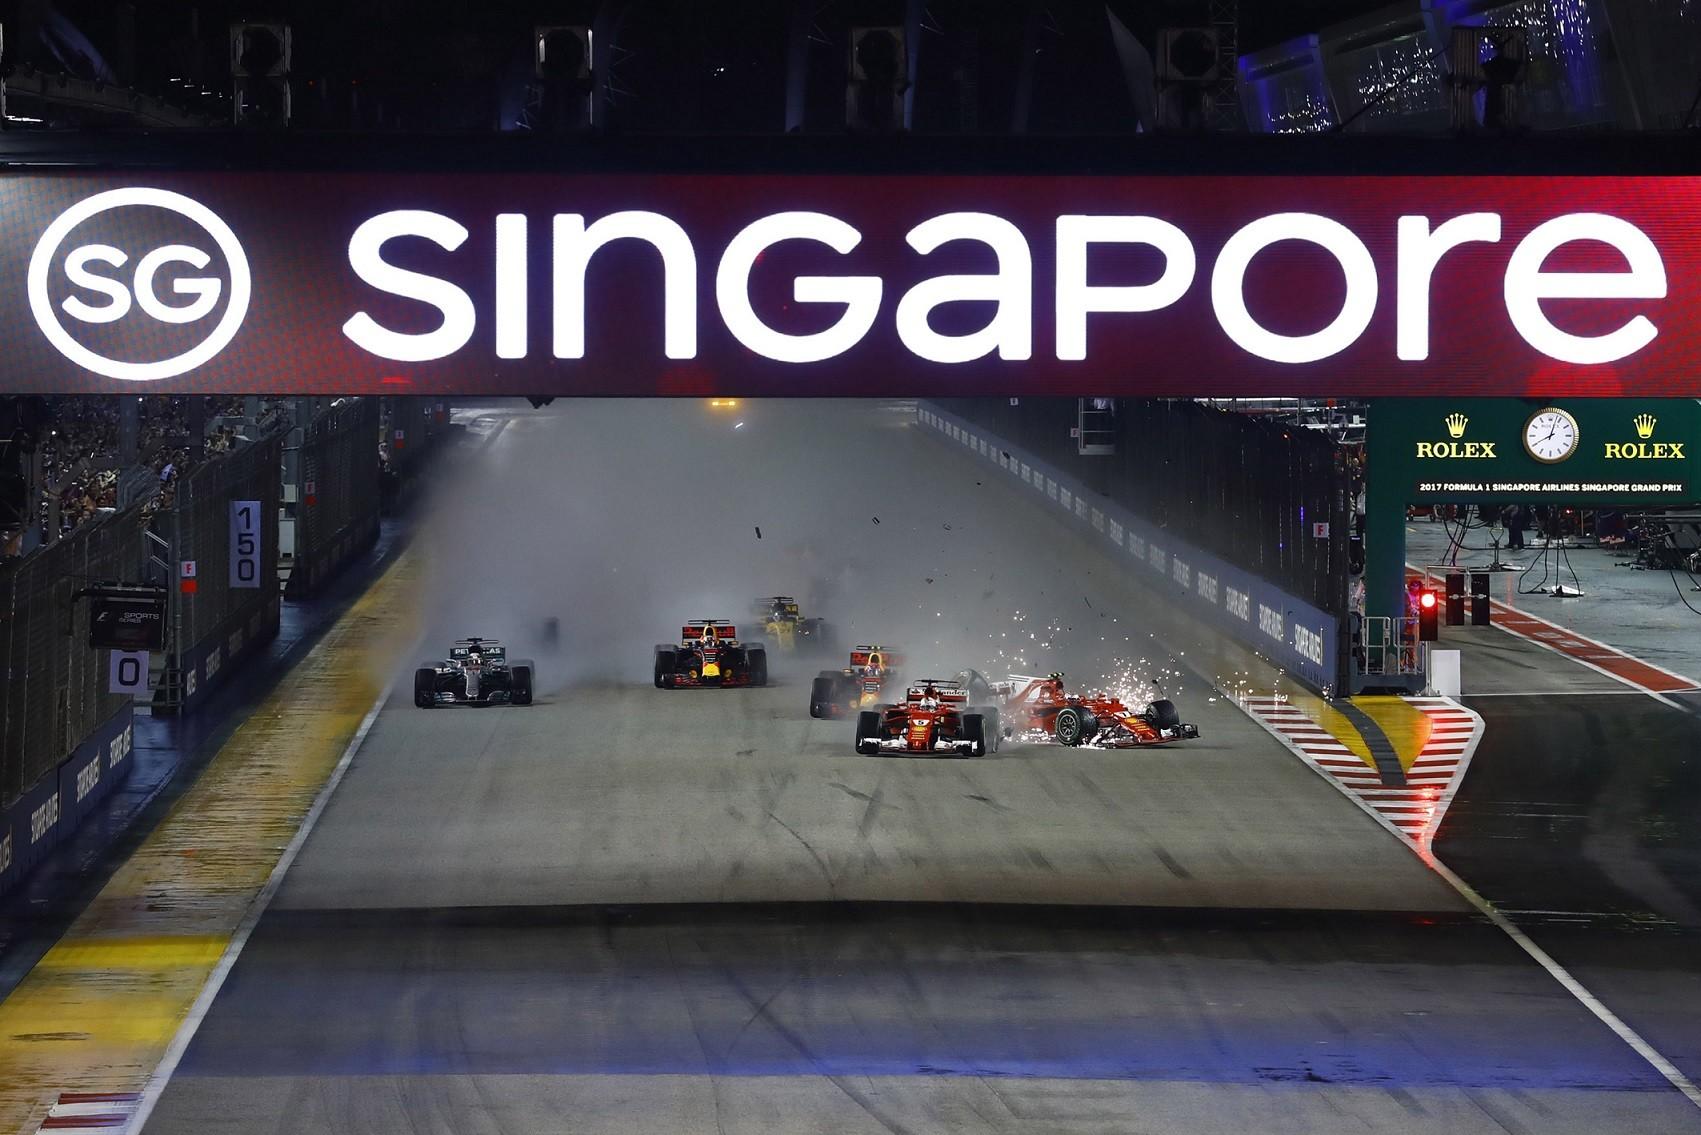 香港體驗 F1 賽車?  激玩賽車模擬器 HK$4,199 飛埋去新加坡